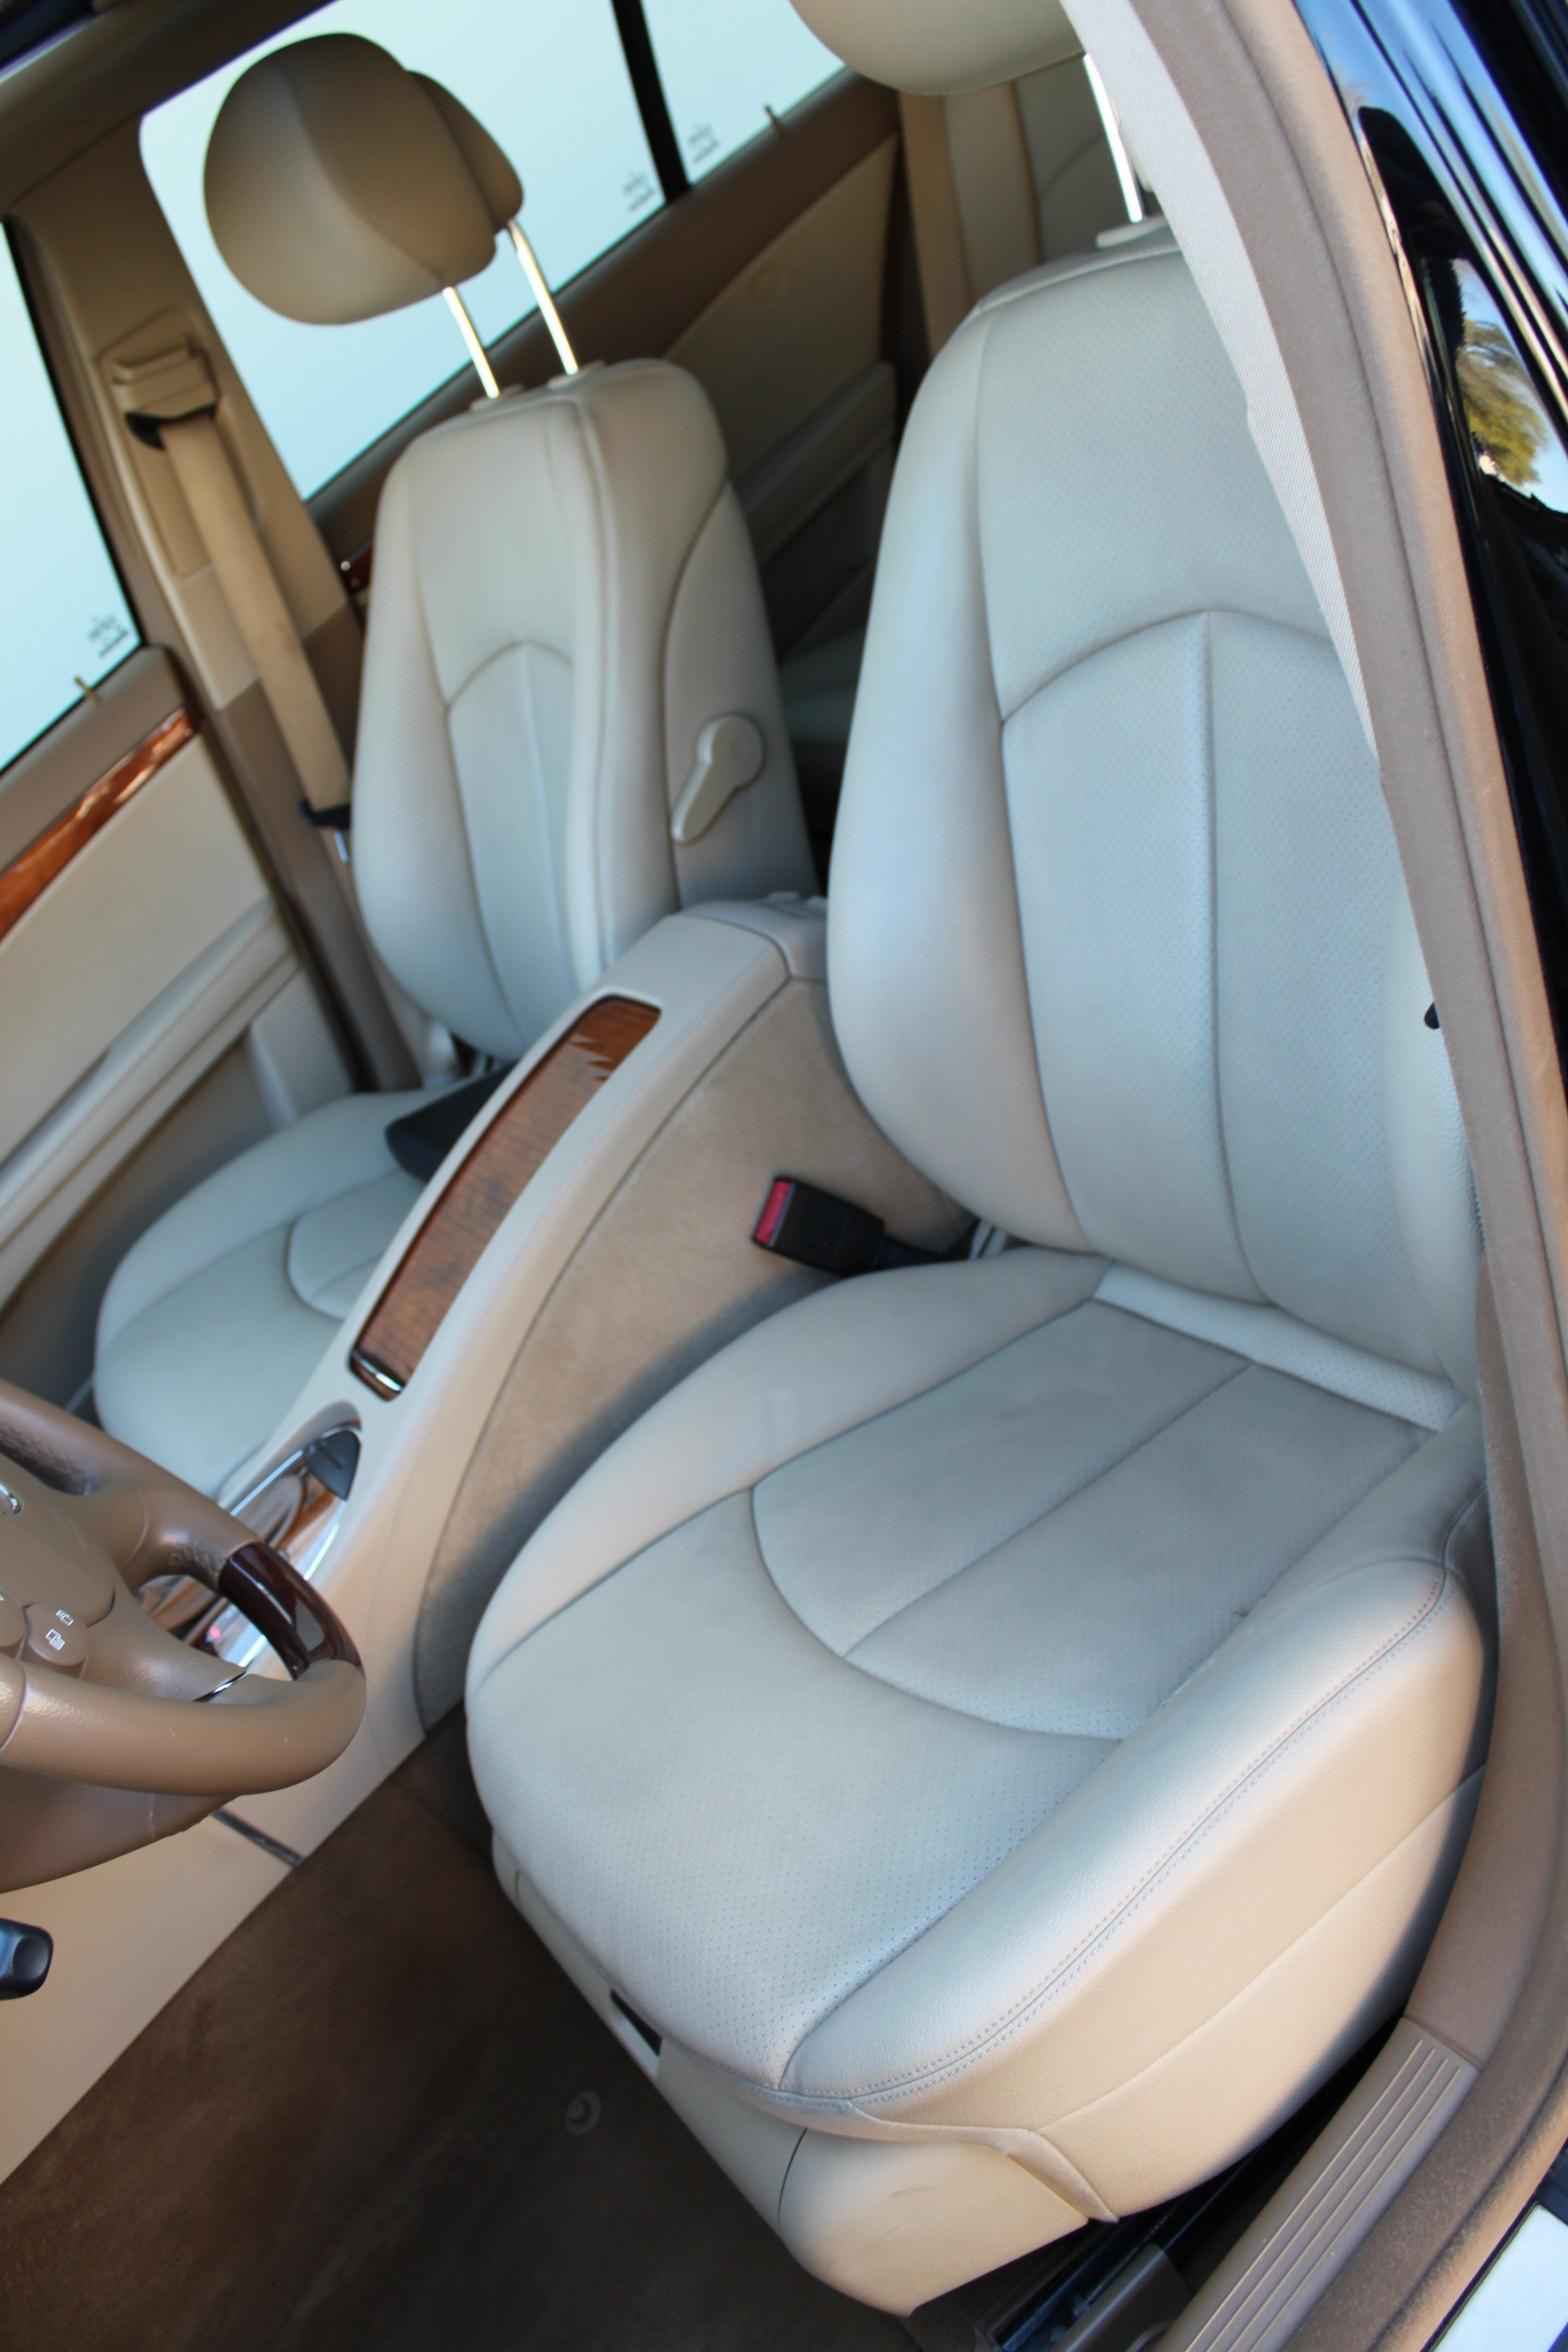 Used-2009-Mercedes-Benz-E-Class-E320-30L-BlueTEC-Range-Rover